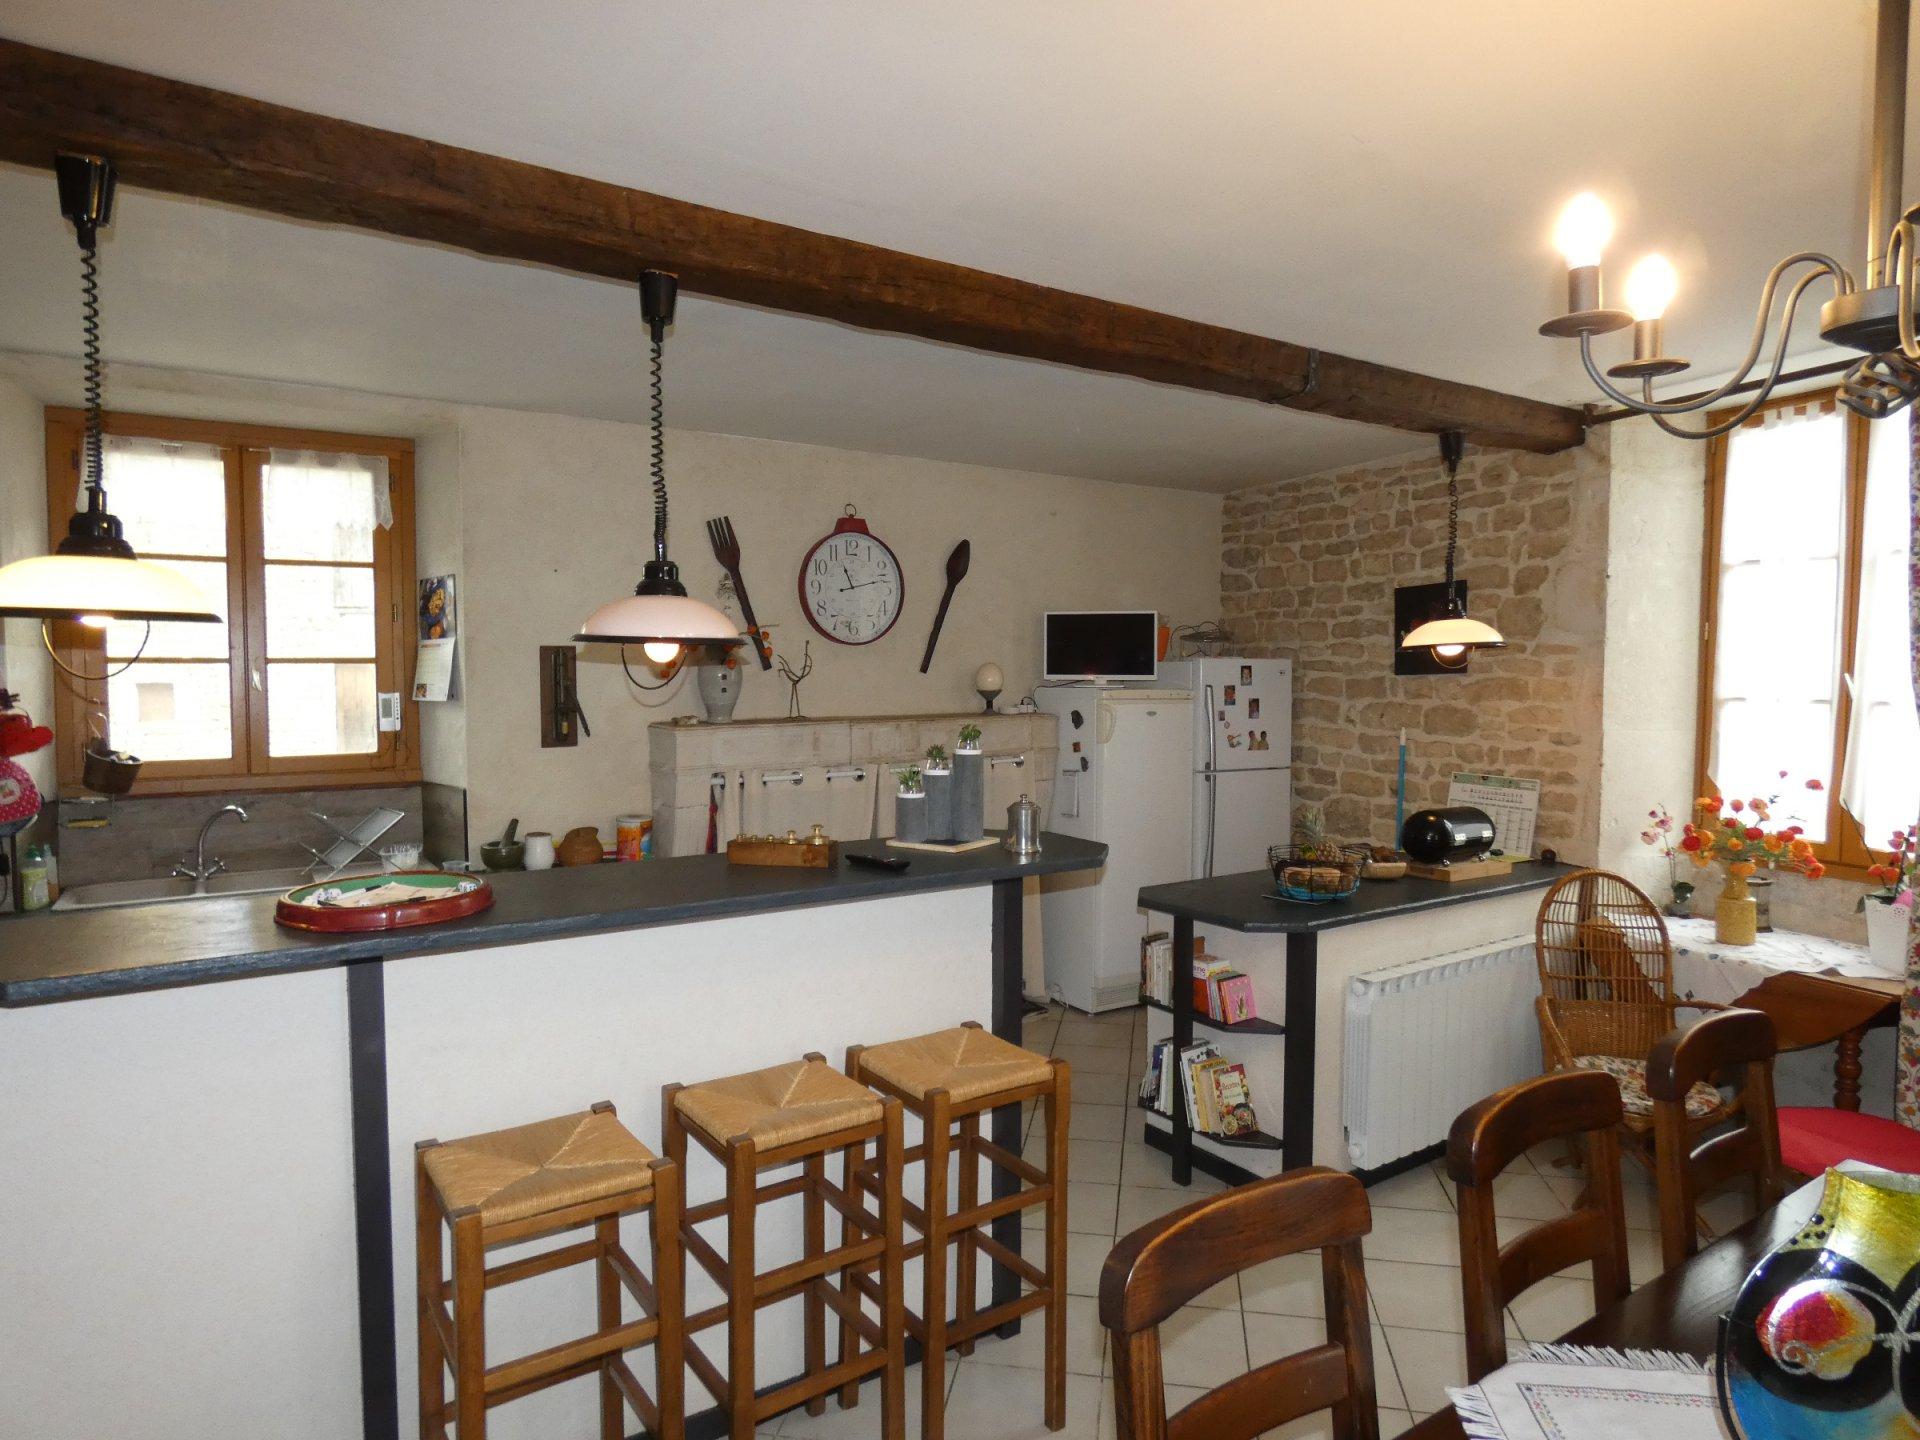 Kitchen bar, chandelier